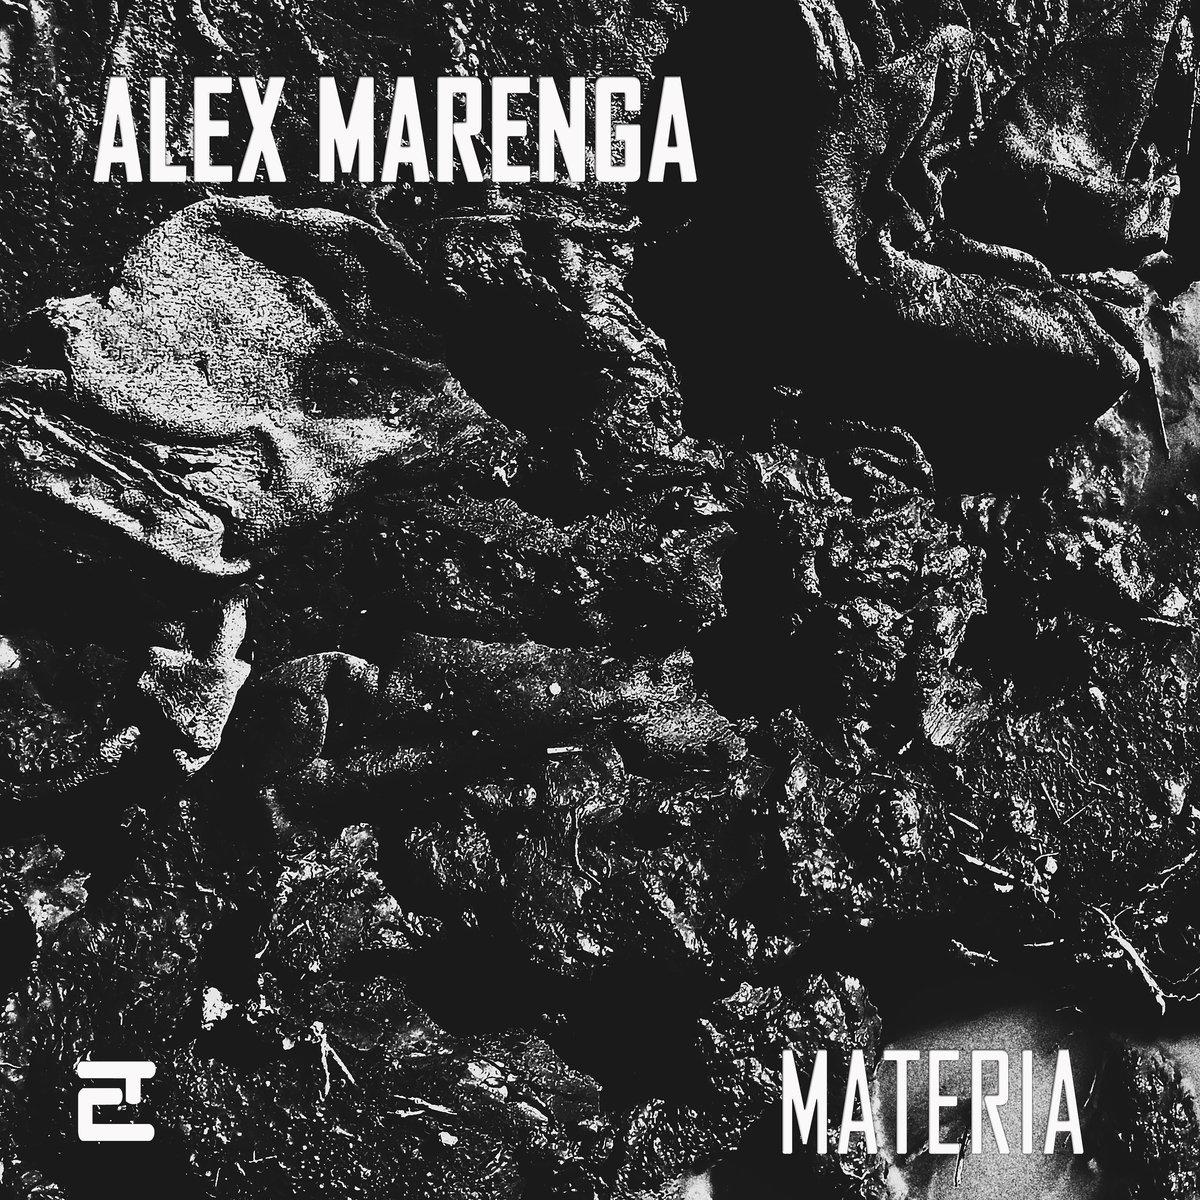 E80 – Alex Marenga – Materia